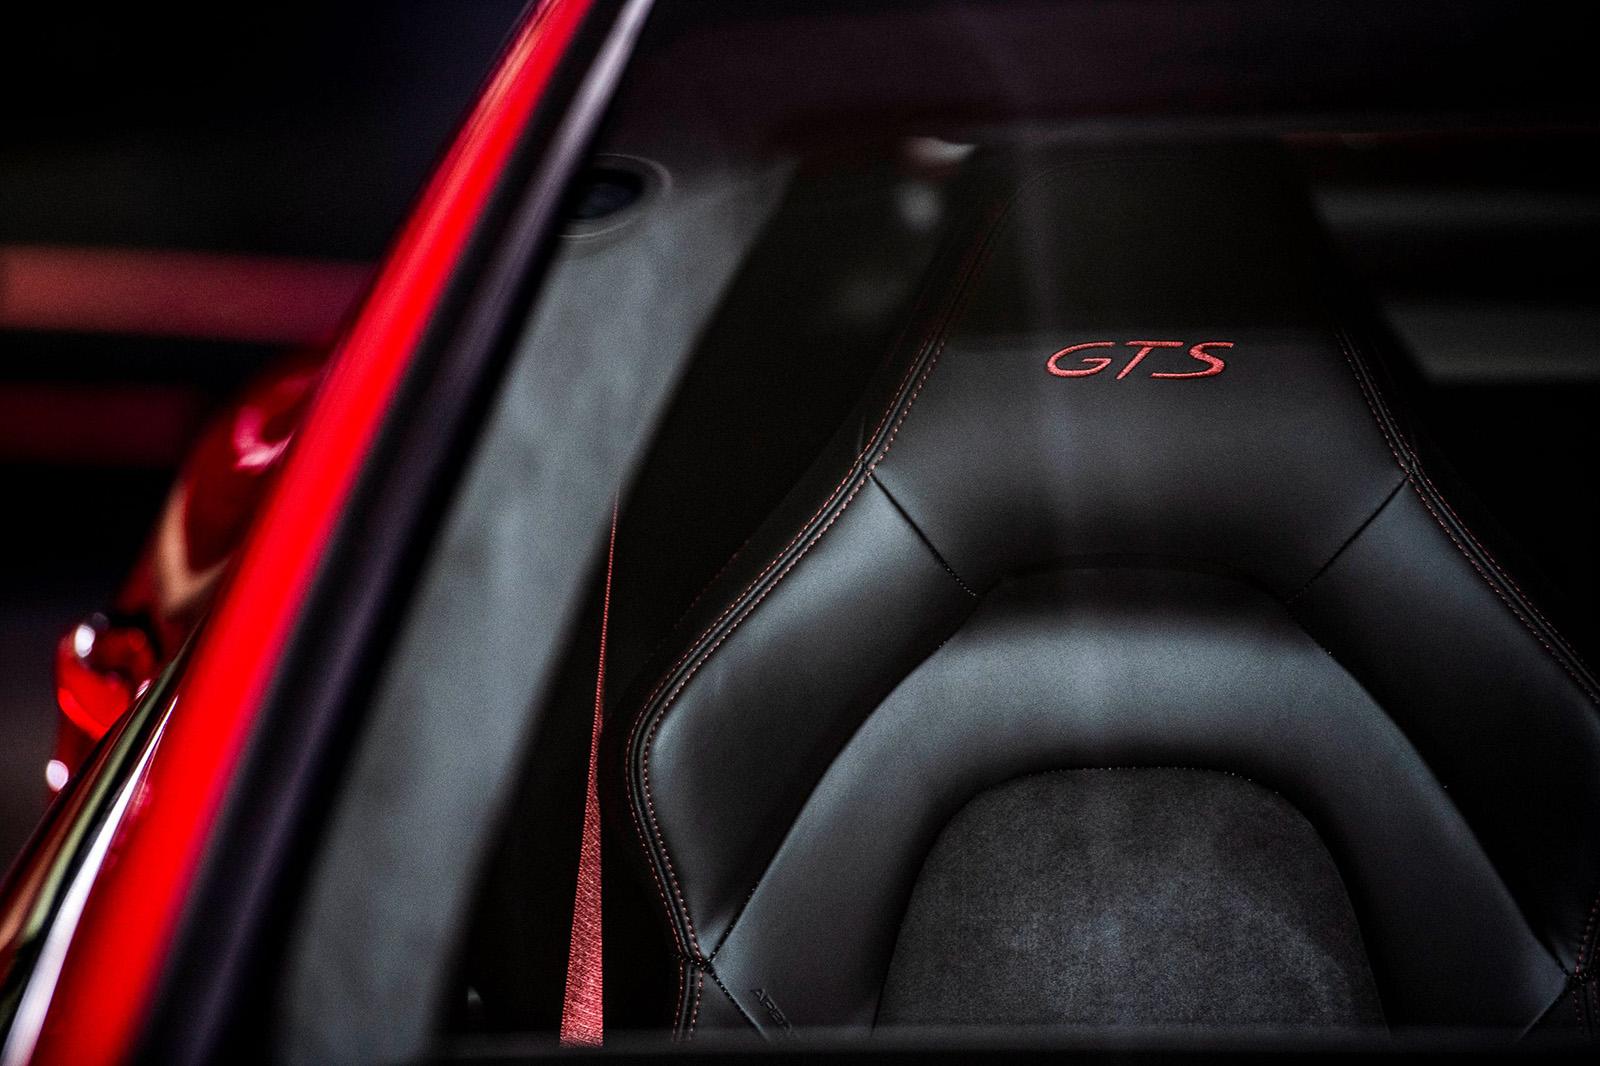 車主亦可依照個人喜好選配GTS專屬內裝套件,如胭脂紅或蠟灰色的轉速錶、內裝縫線,以及GTS 徽飾等,打造獨一無二的專屬座駕